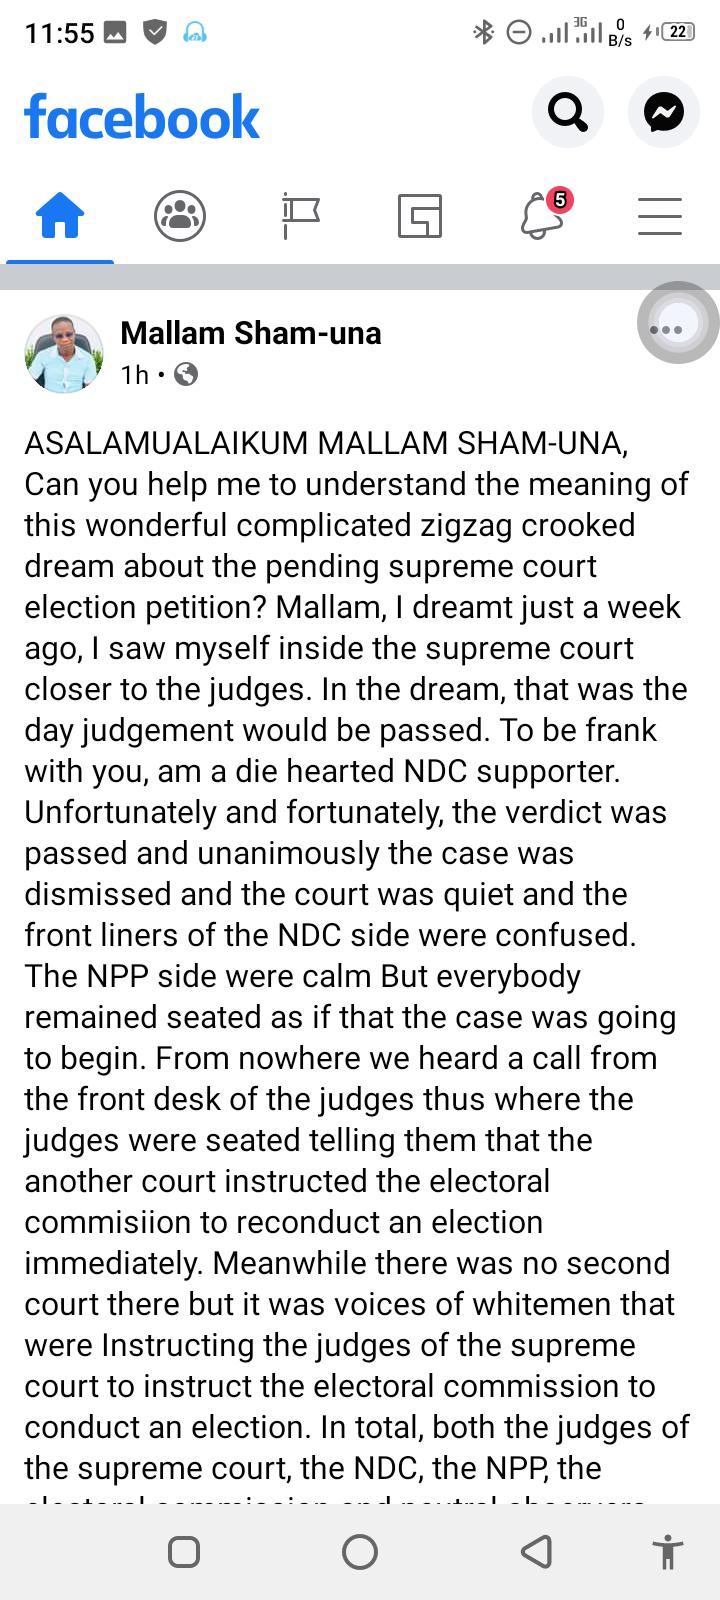 I Saw Mahama Lost The Court Case But Something Strange Happened- Islamic Cleric 2